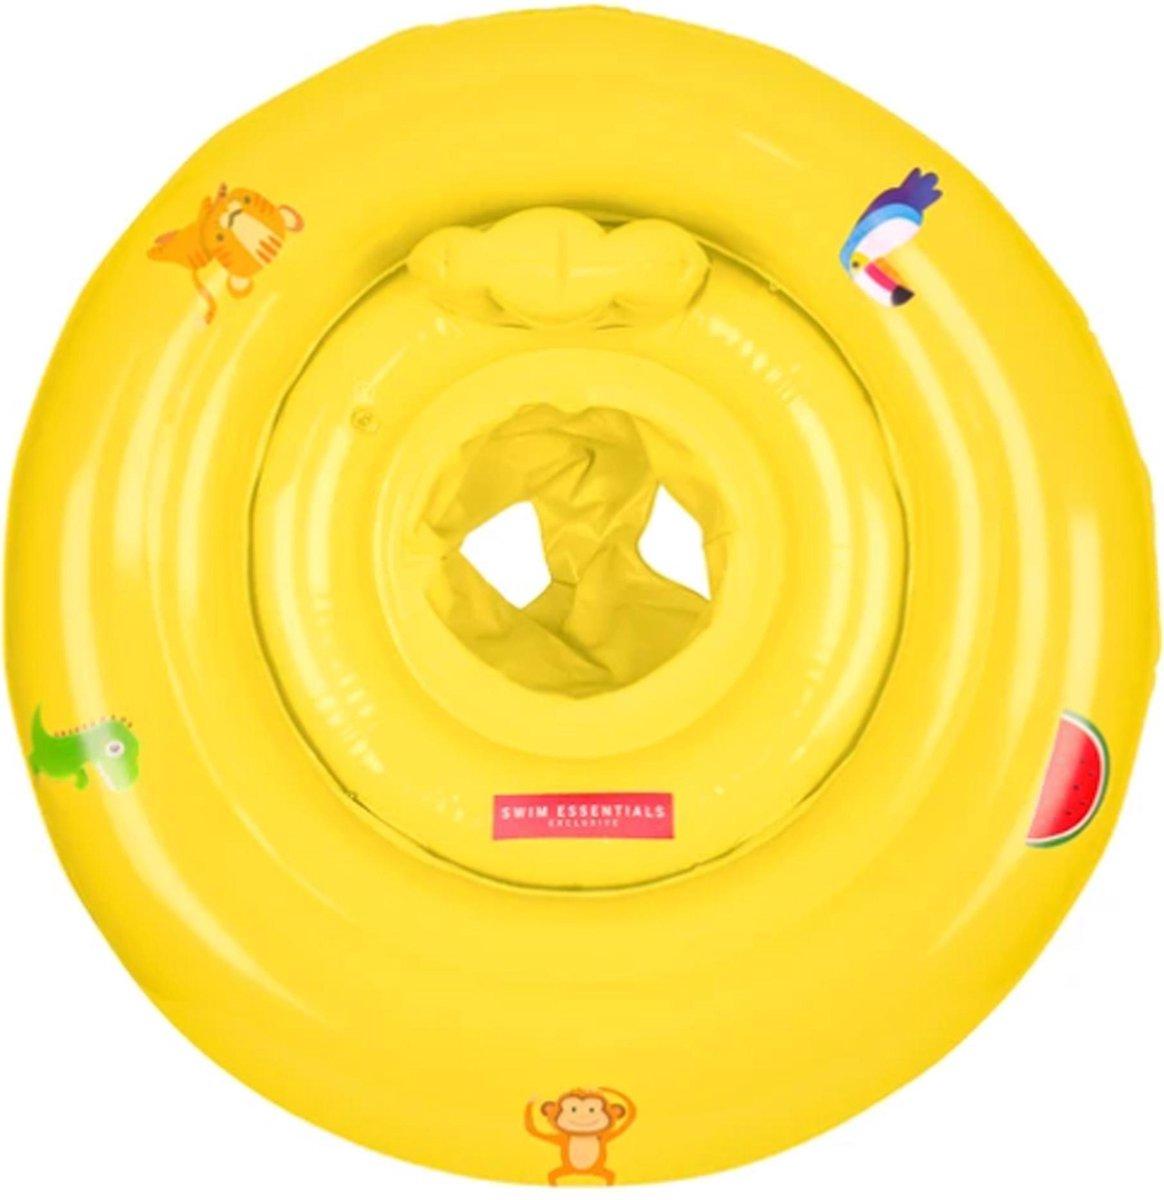 Swim Essentials Zwemband - Geel - Babyfloat - 0 t/m 2 jaar